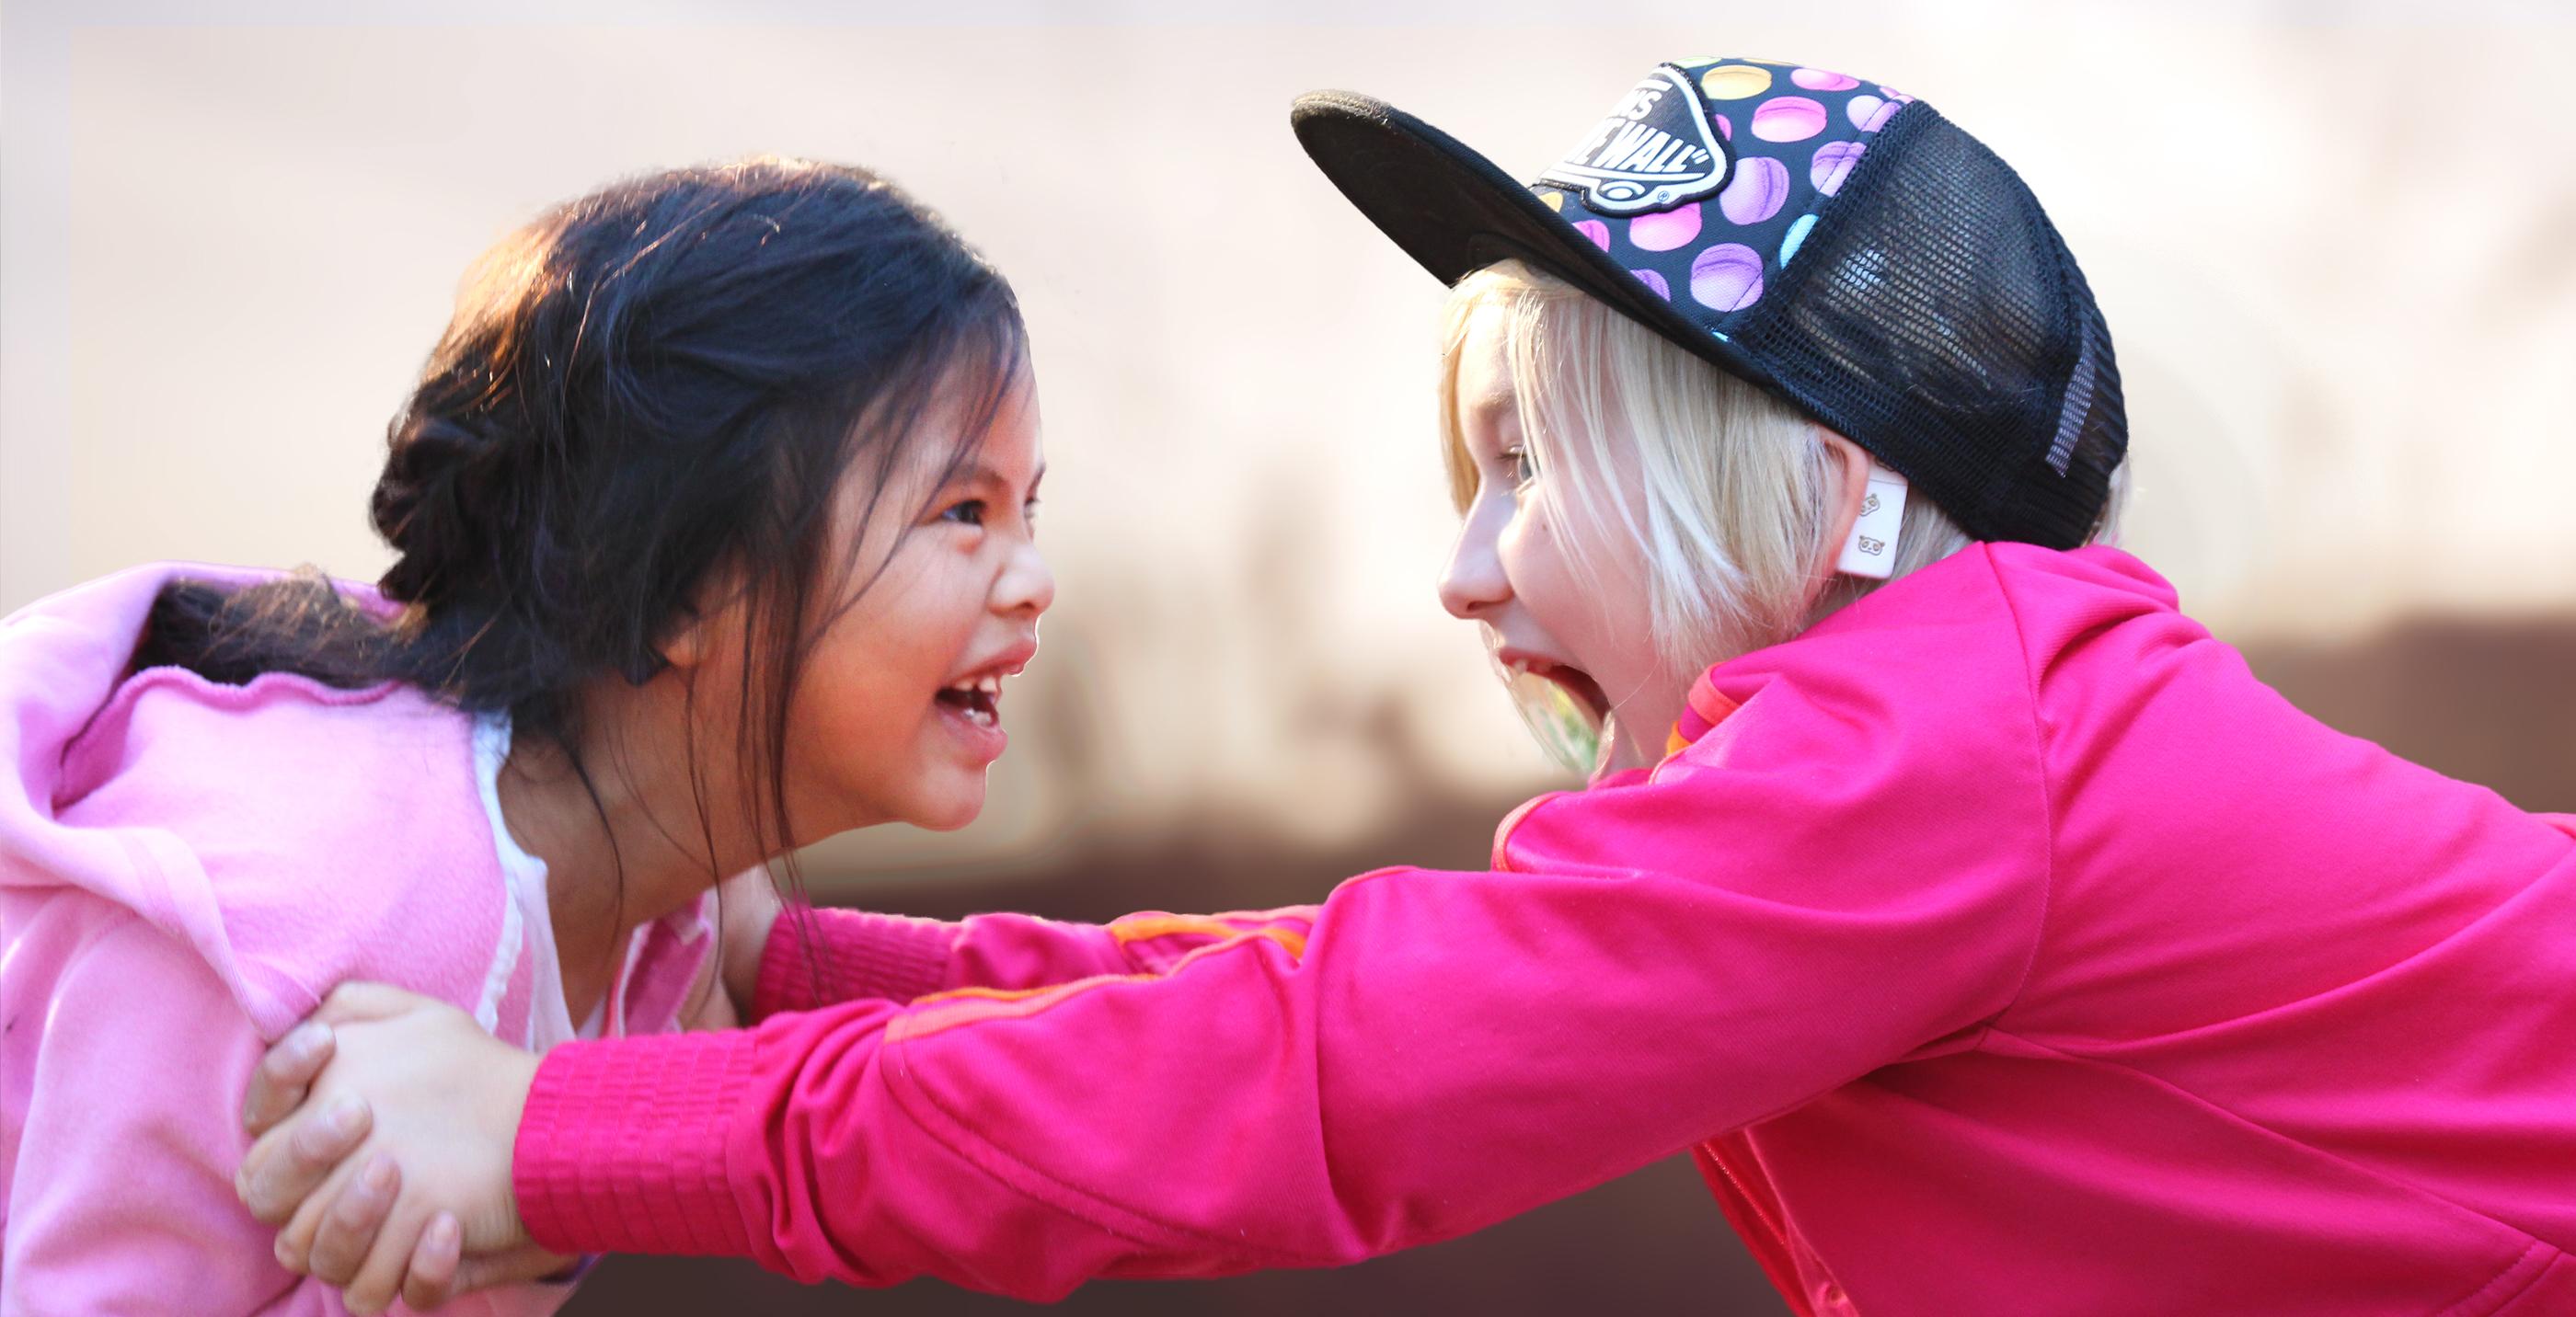 Kuvassa kaksi lasta hymyilee toisilleen